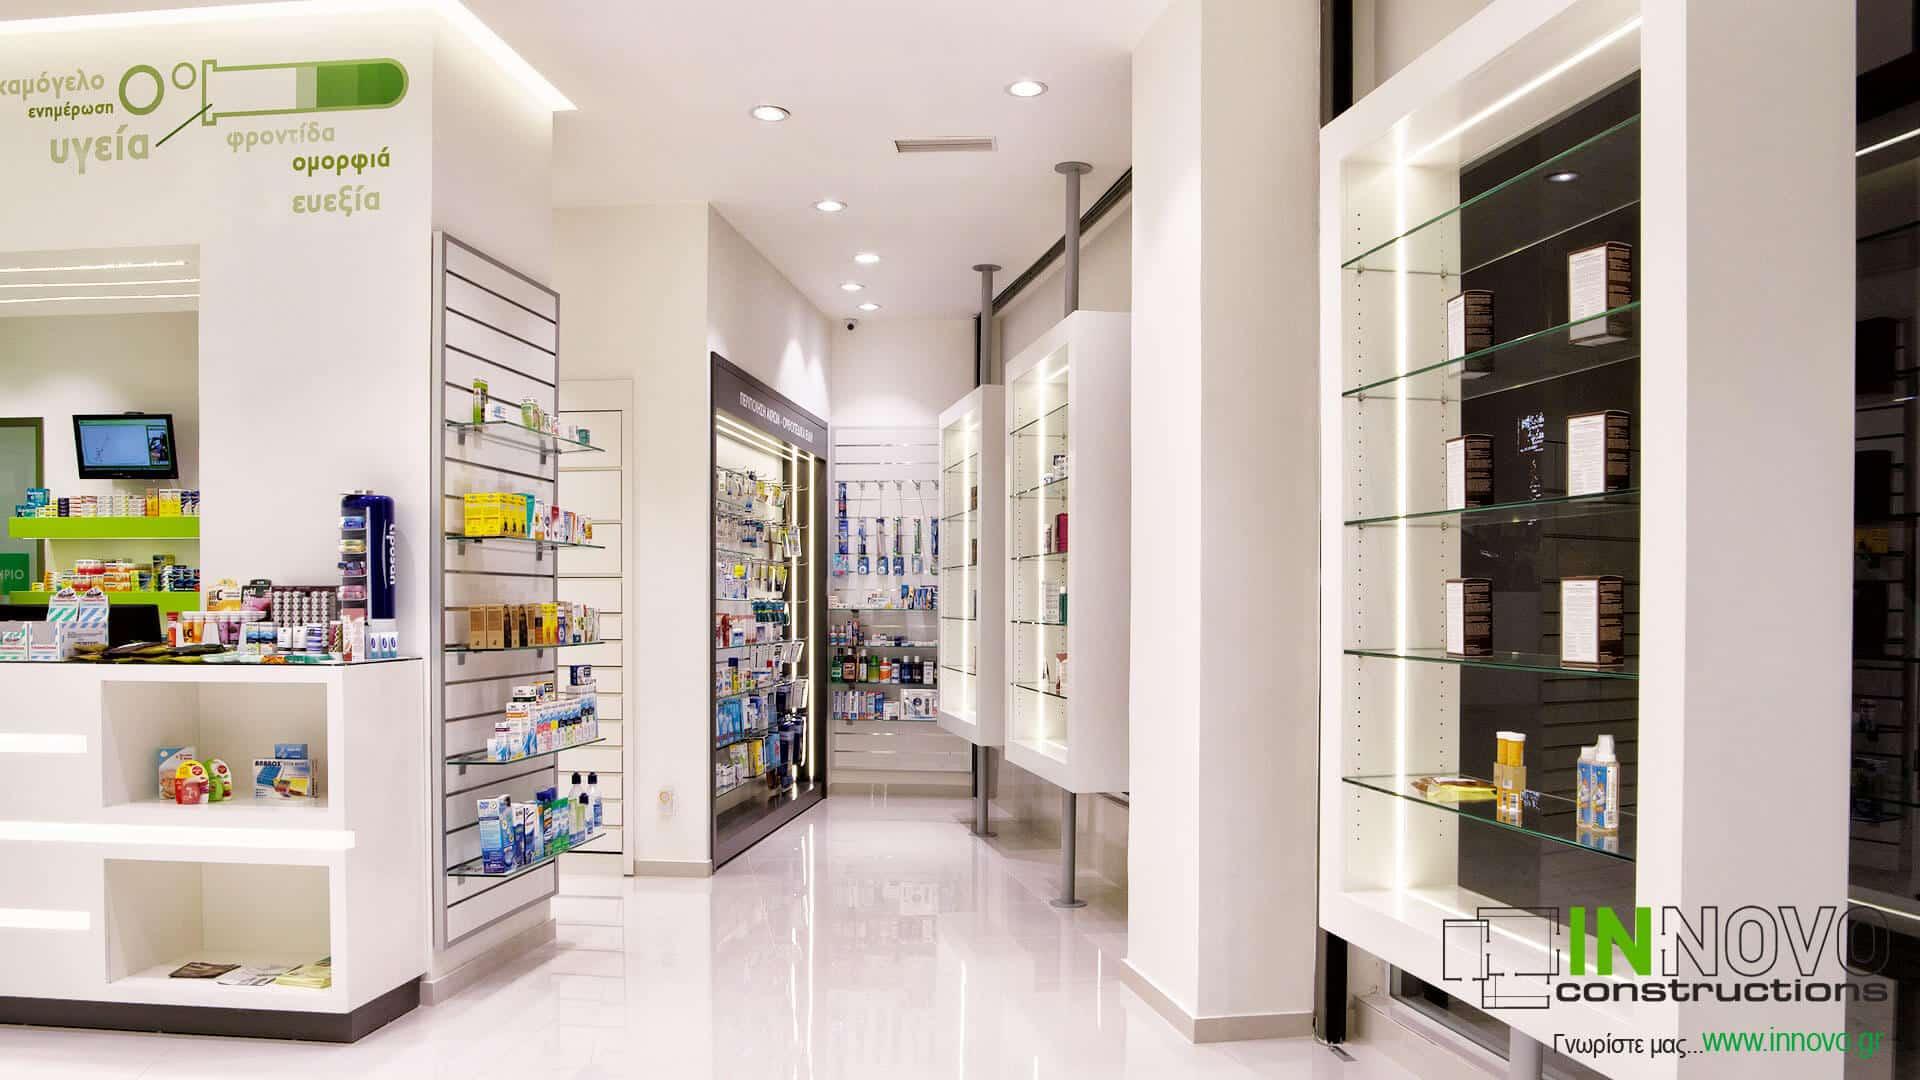 Ανακαινίσεις φαρμακείων Α. Δημήτριο